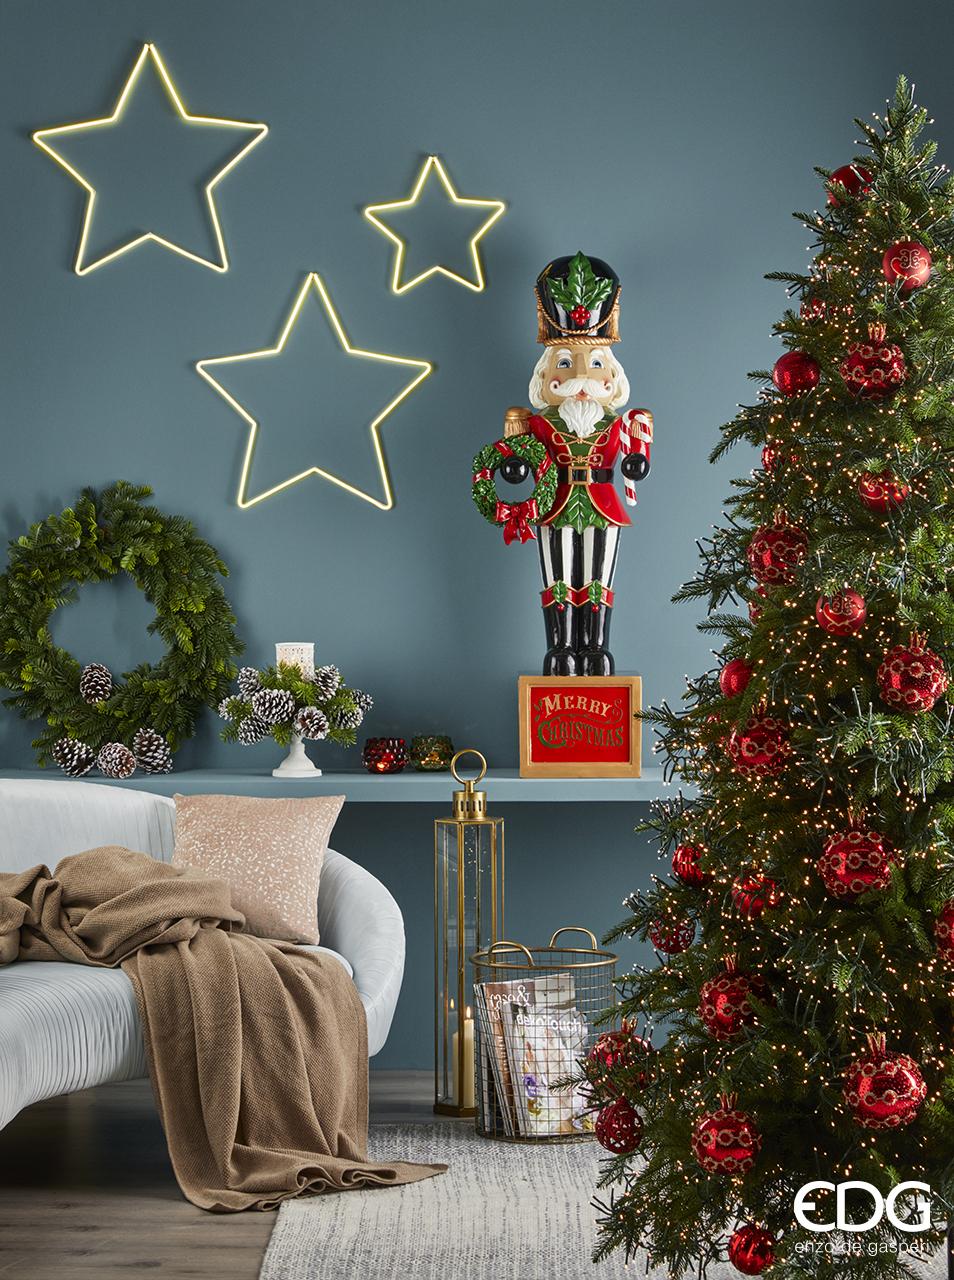 Natale Edg.Come Realizzare L Albero Di Natale Perfetto 10 Idee Edg